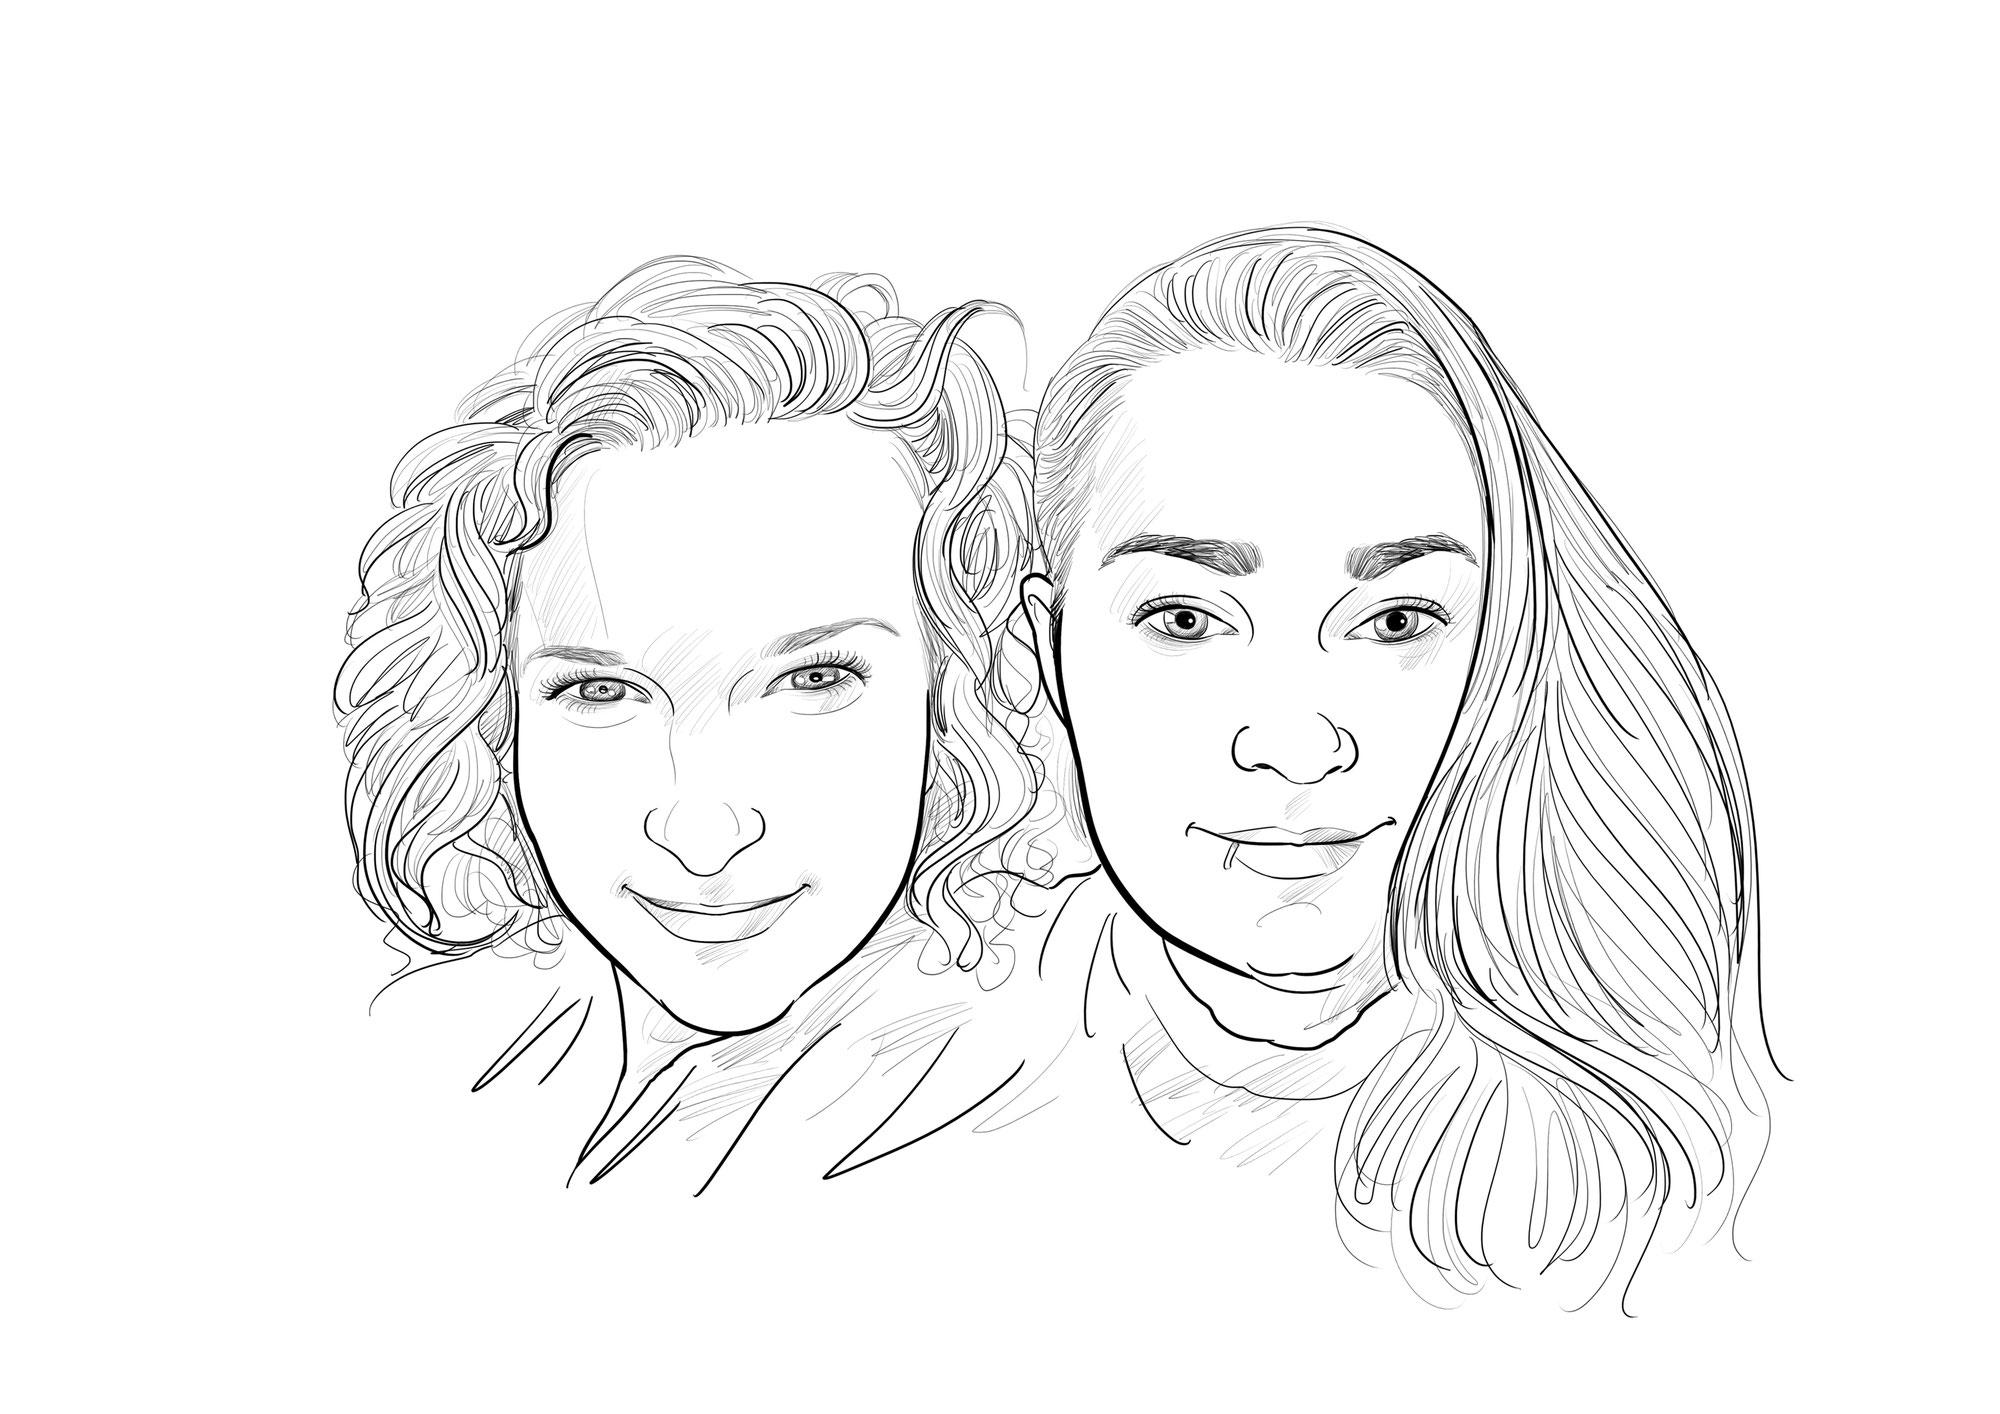 Karikatur vom Foto in Bleistift, Freundinnen